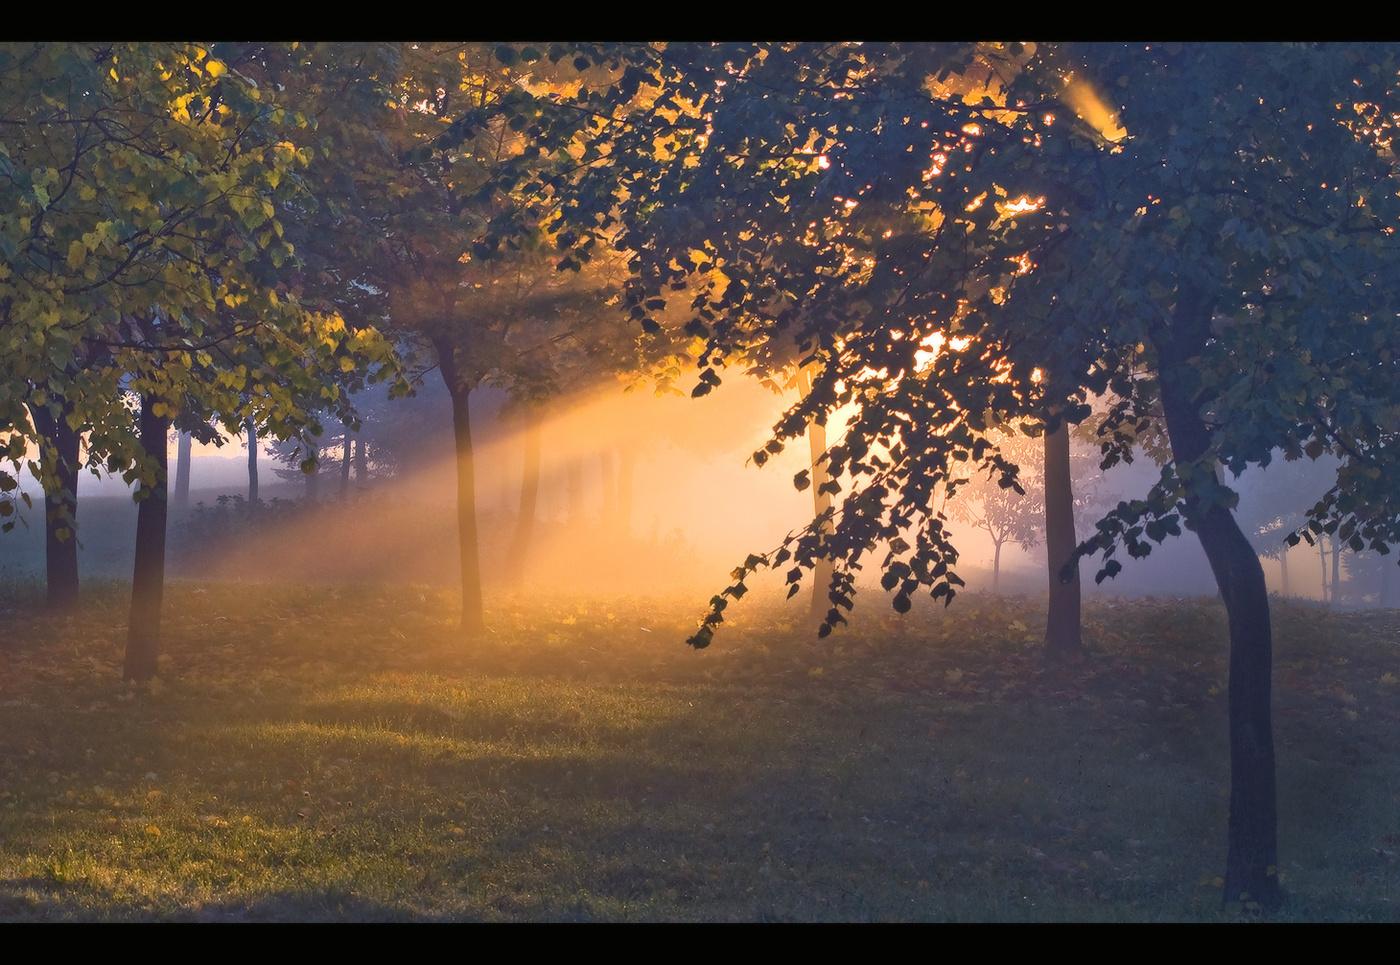 хорошем живом фото осеннего утра эффектно смотрятся